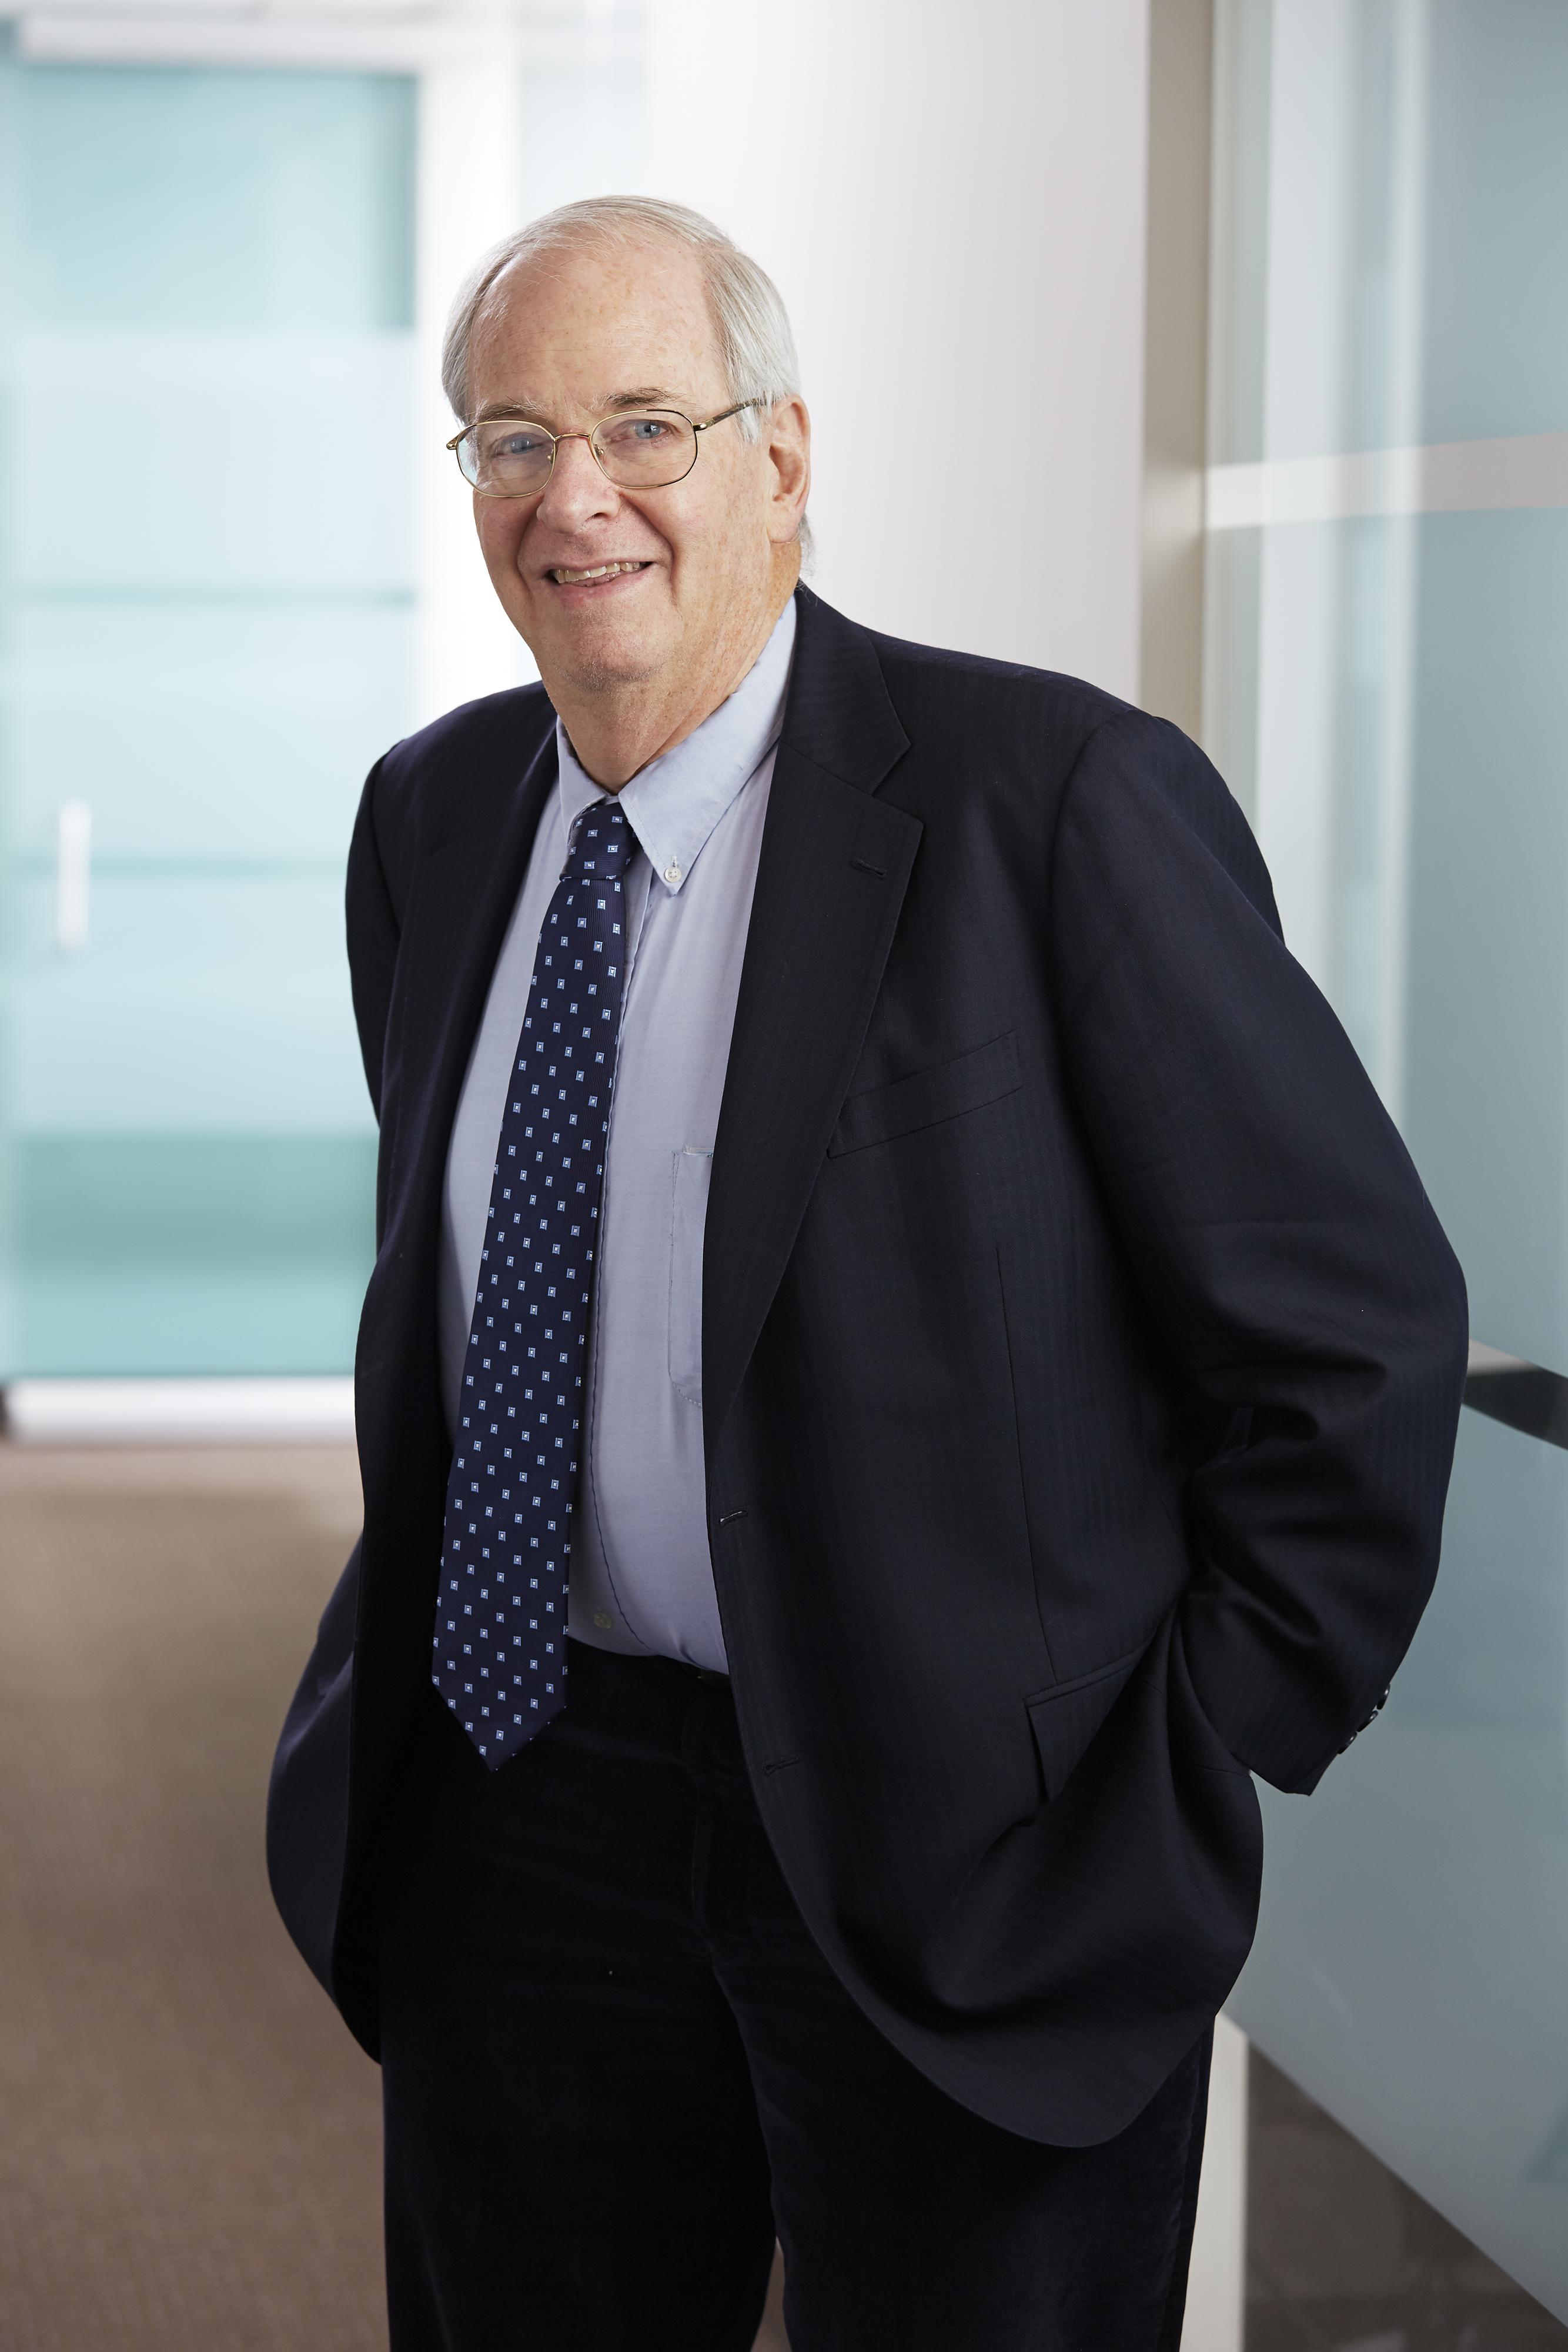 Daniel Lowenstein